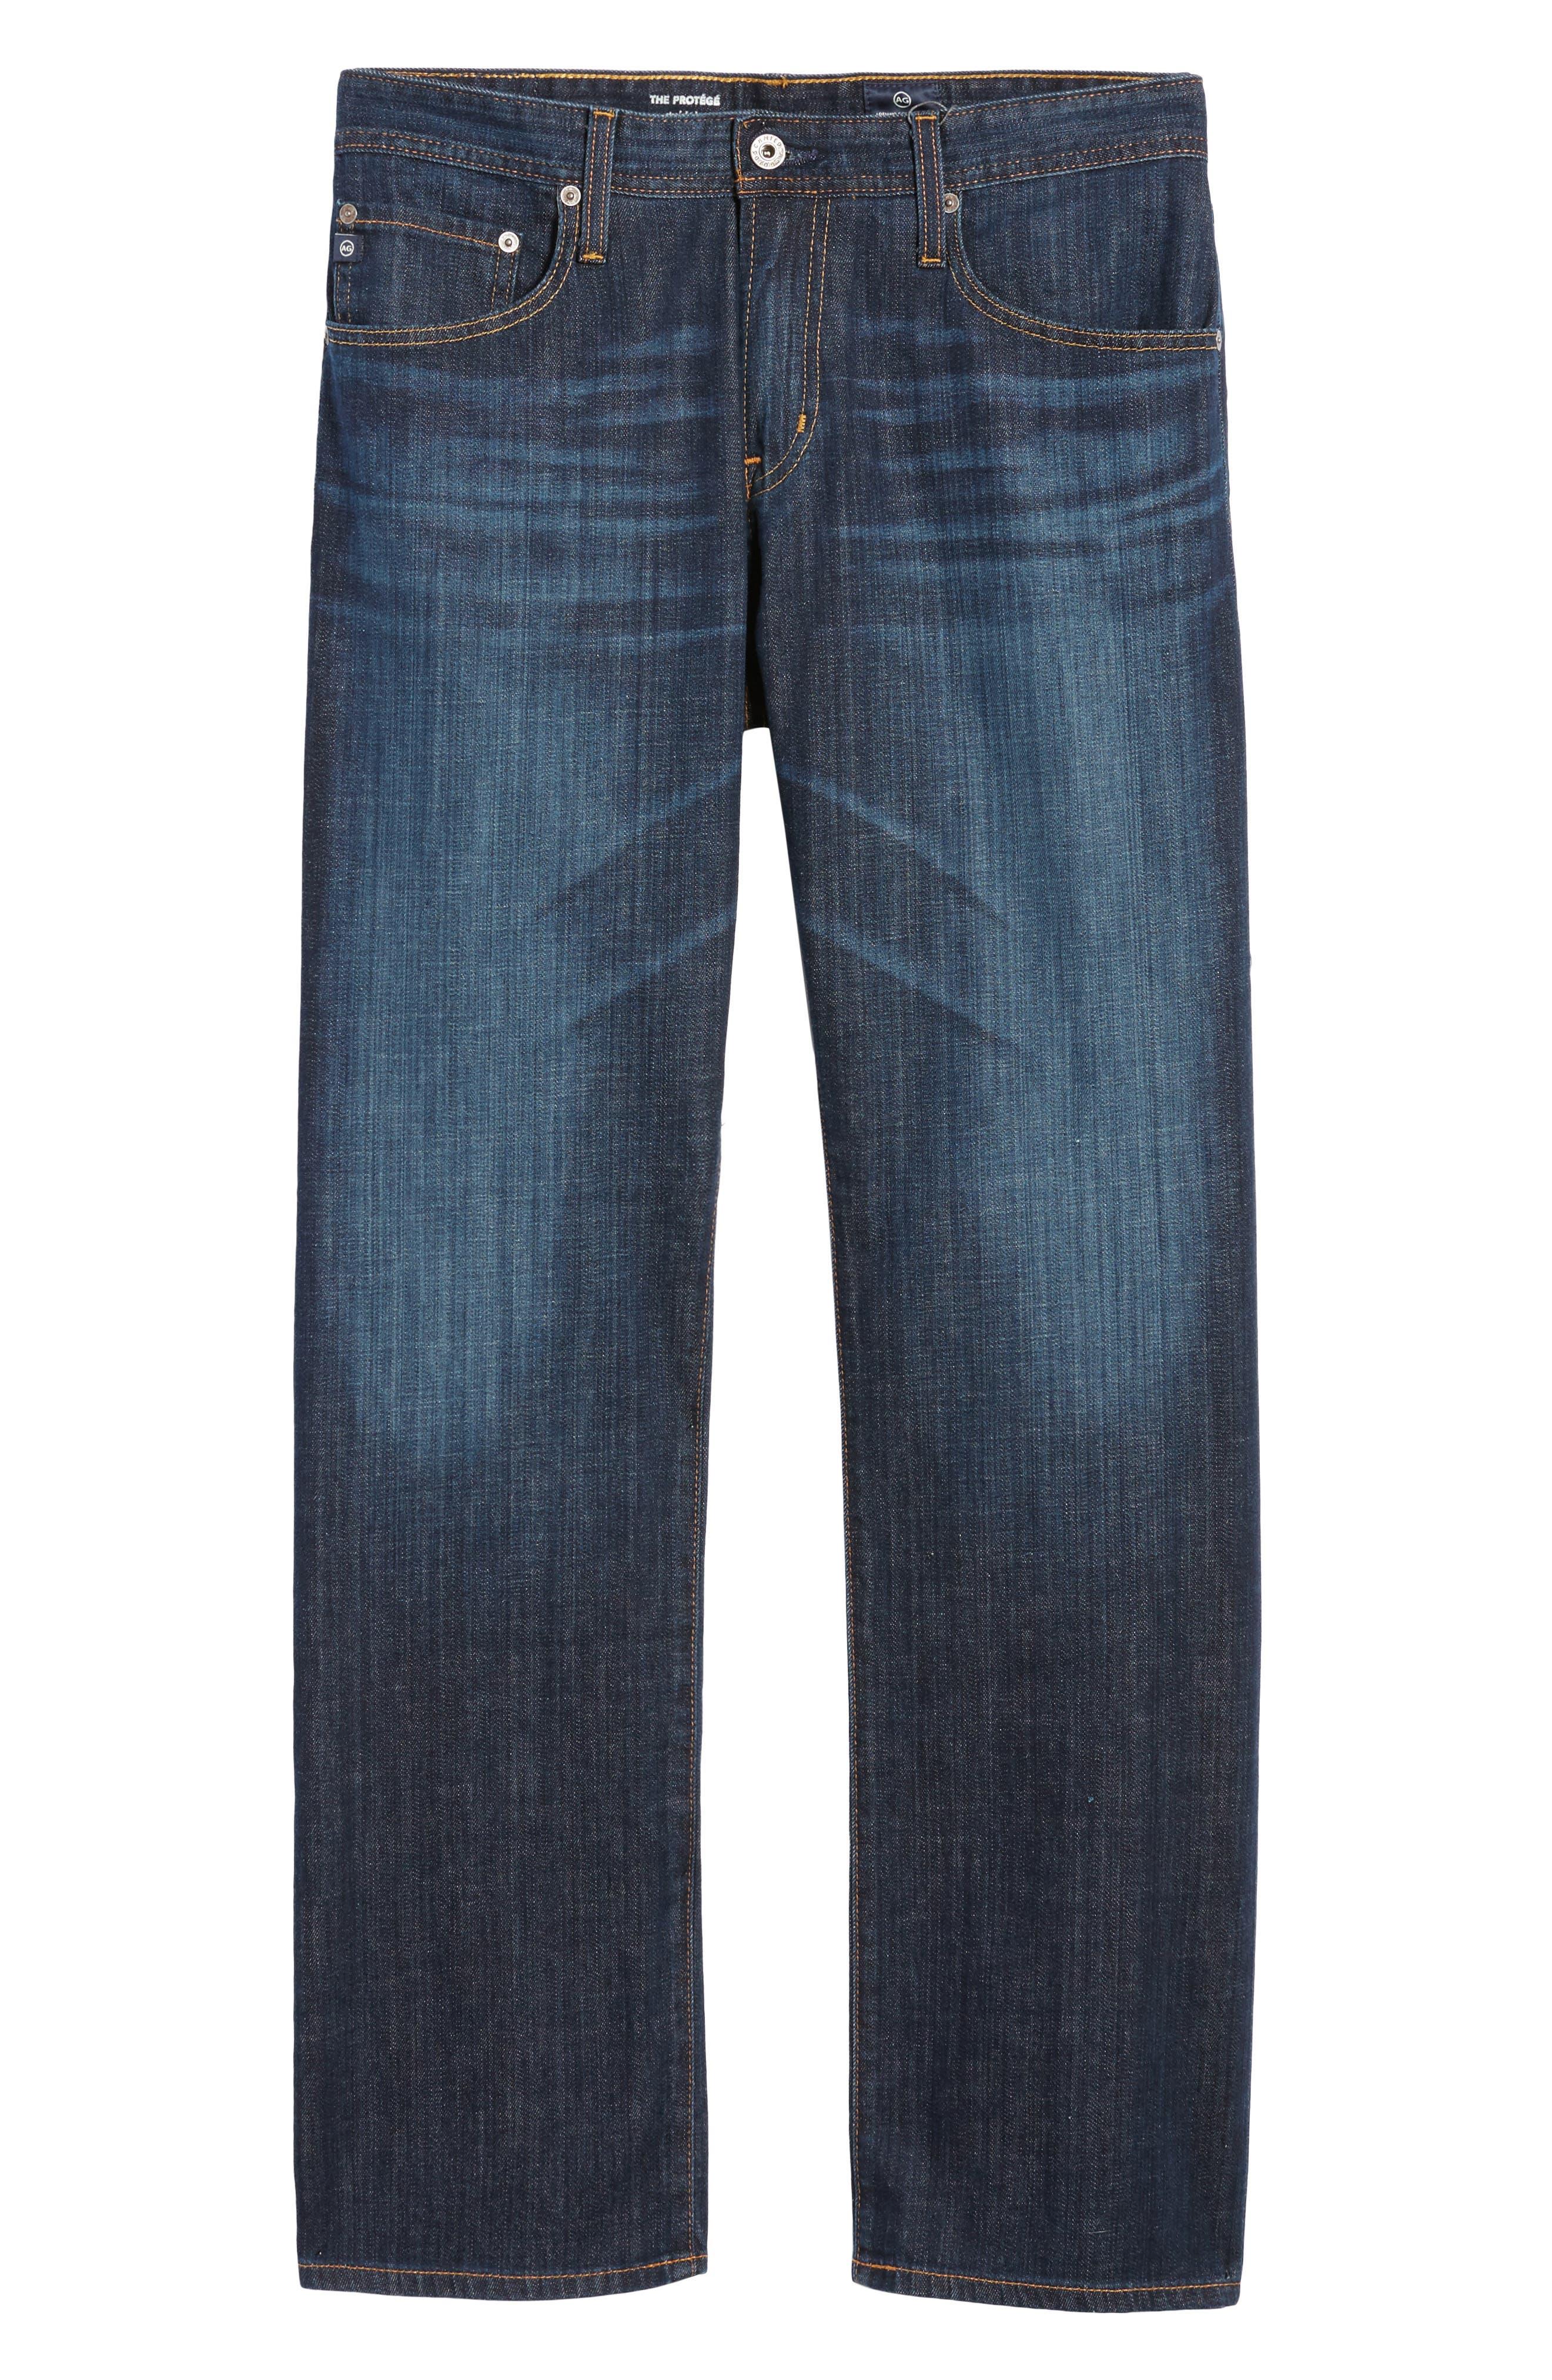 Protégé Straight Leg Jeans,                             Alternate thumbnail 2, color,                             HUNTS WASH